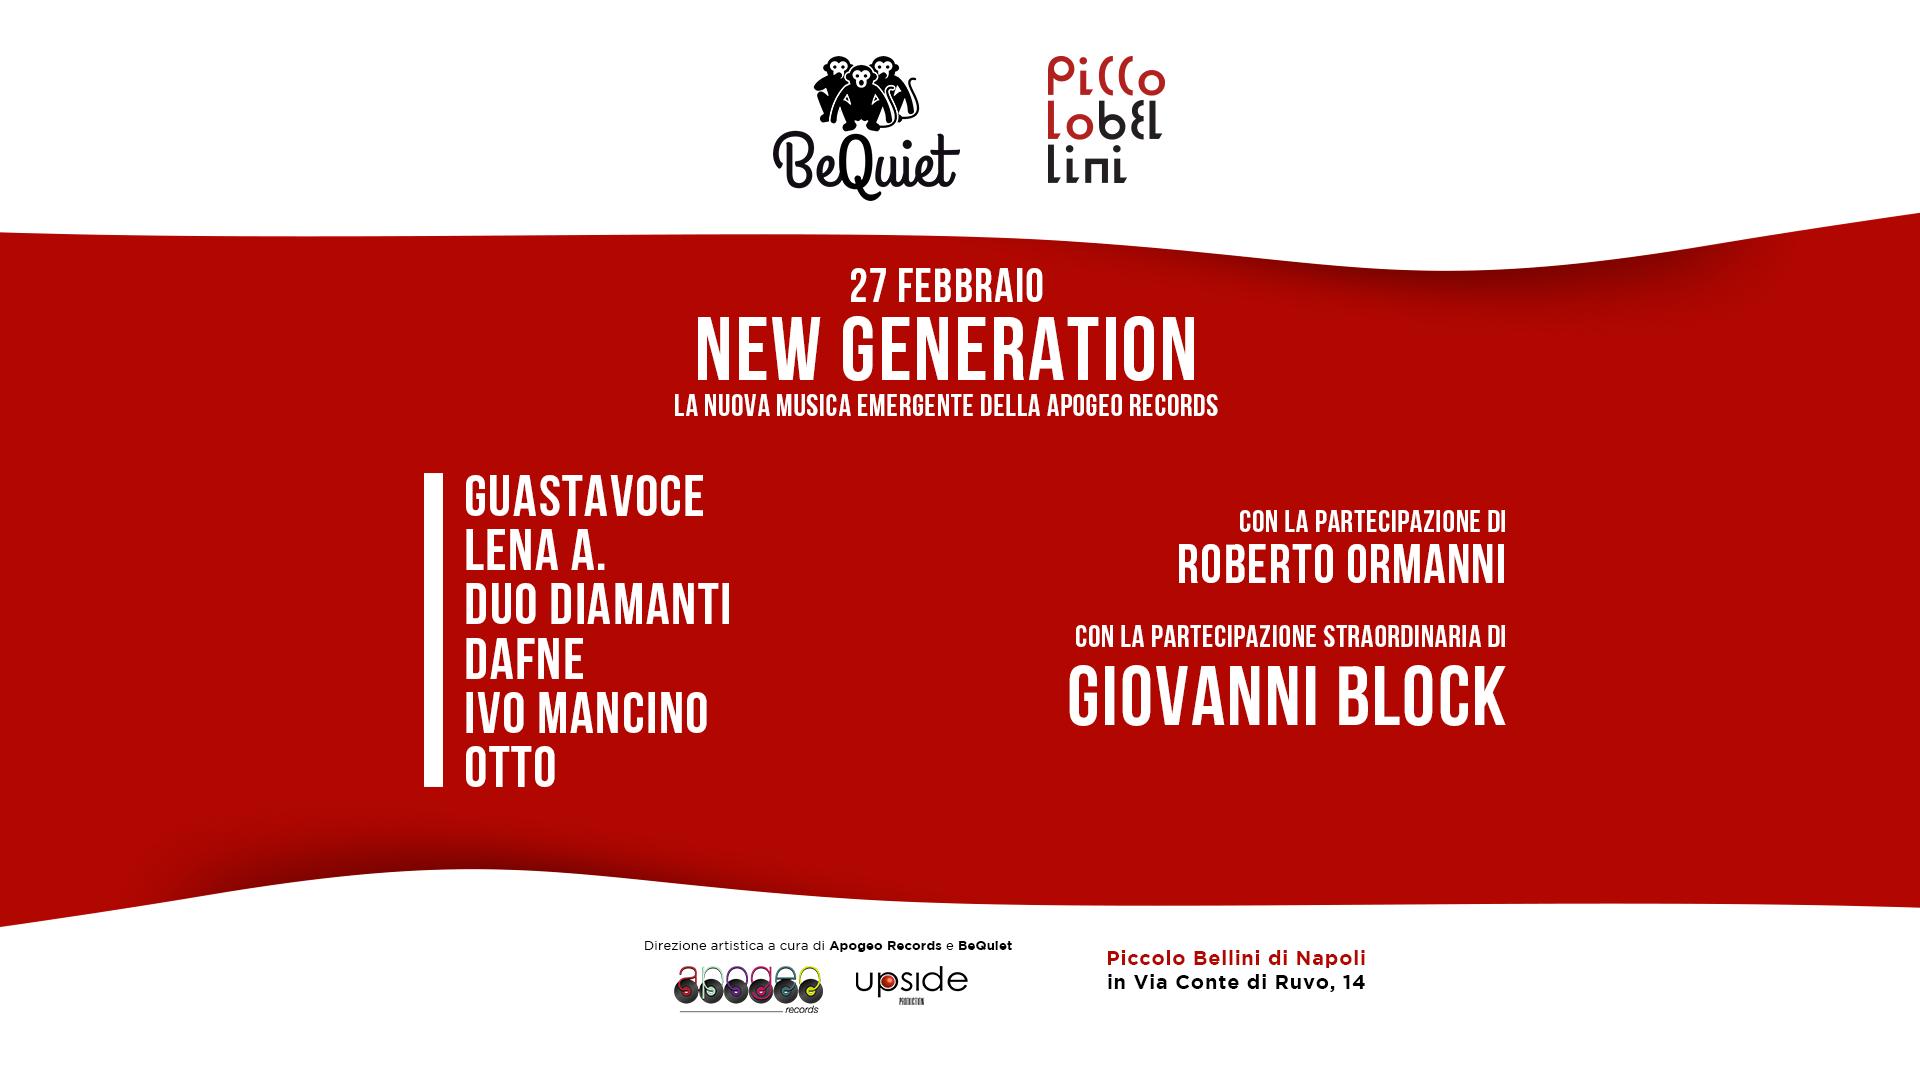 New Generation Piccolo Bellini